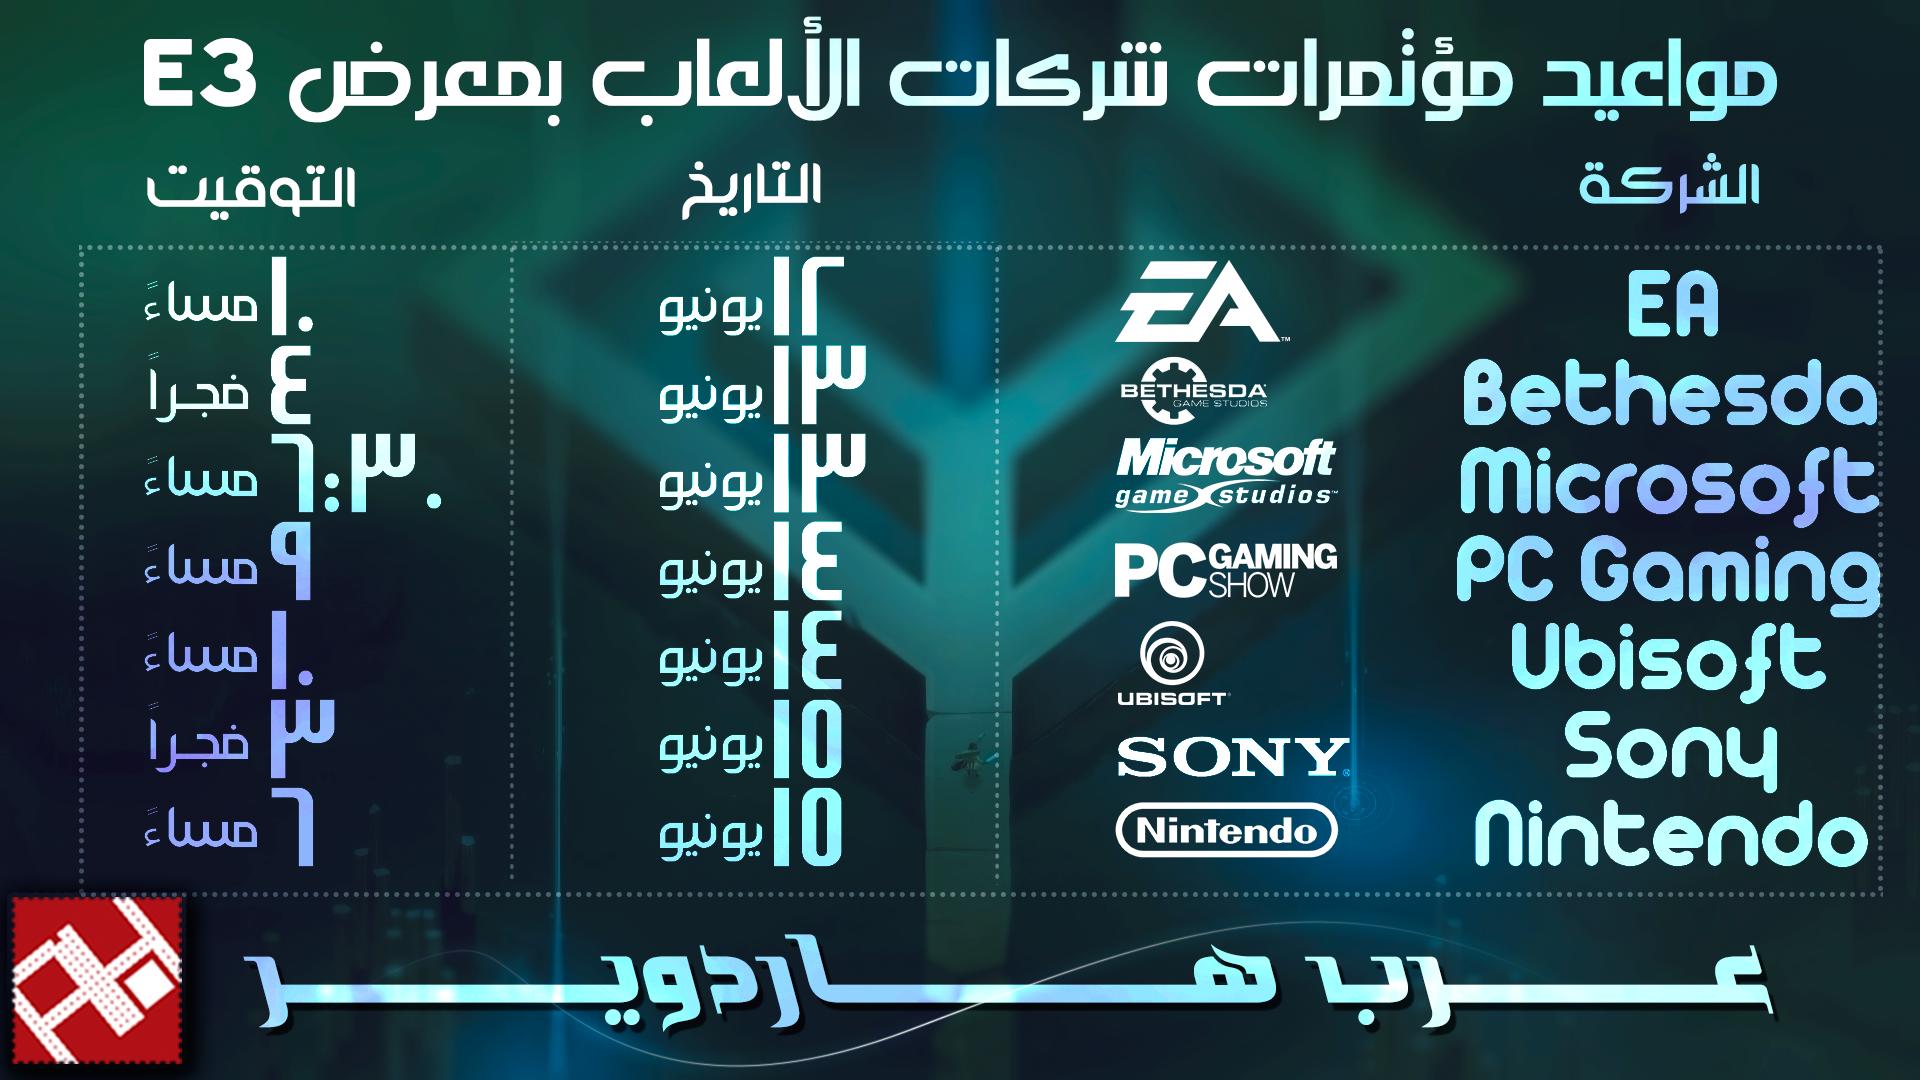 مؤتمرات الشركات بمعرض E3 2016